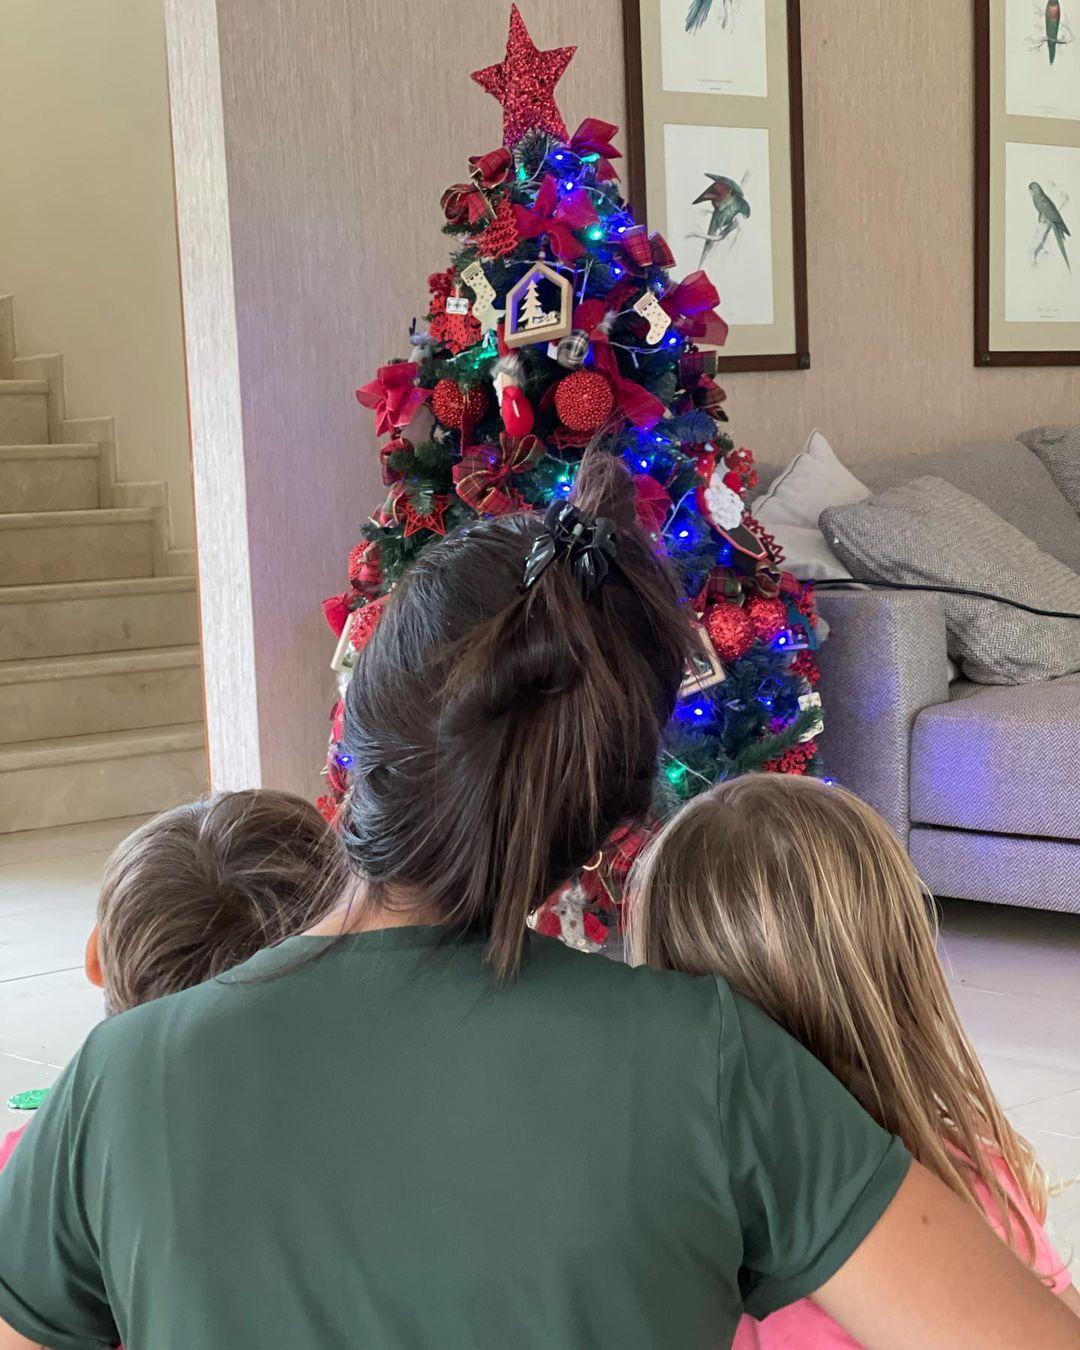 Thaís Fersoza e filhos em frente a decoração de fim de ano.